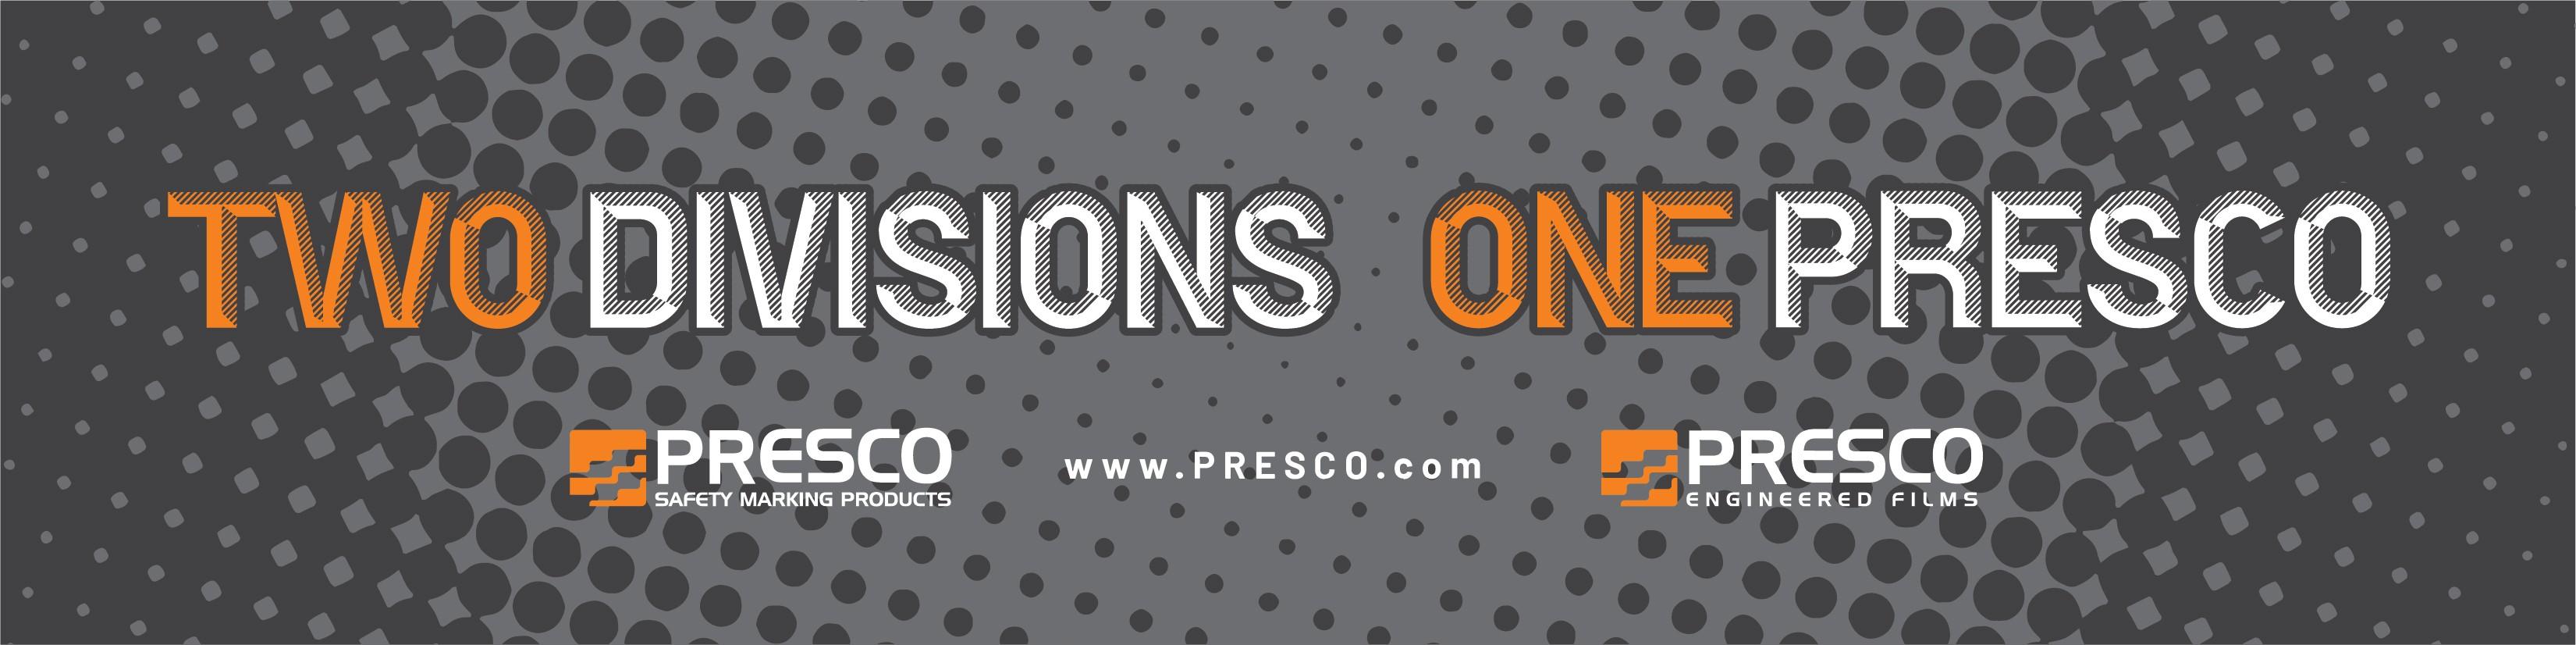 PRESCO | LinkedIn